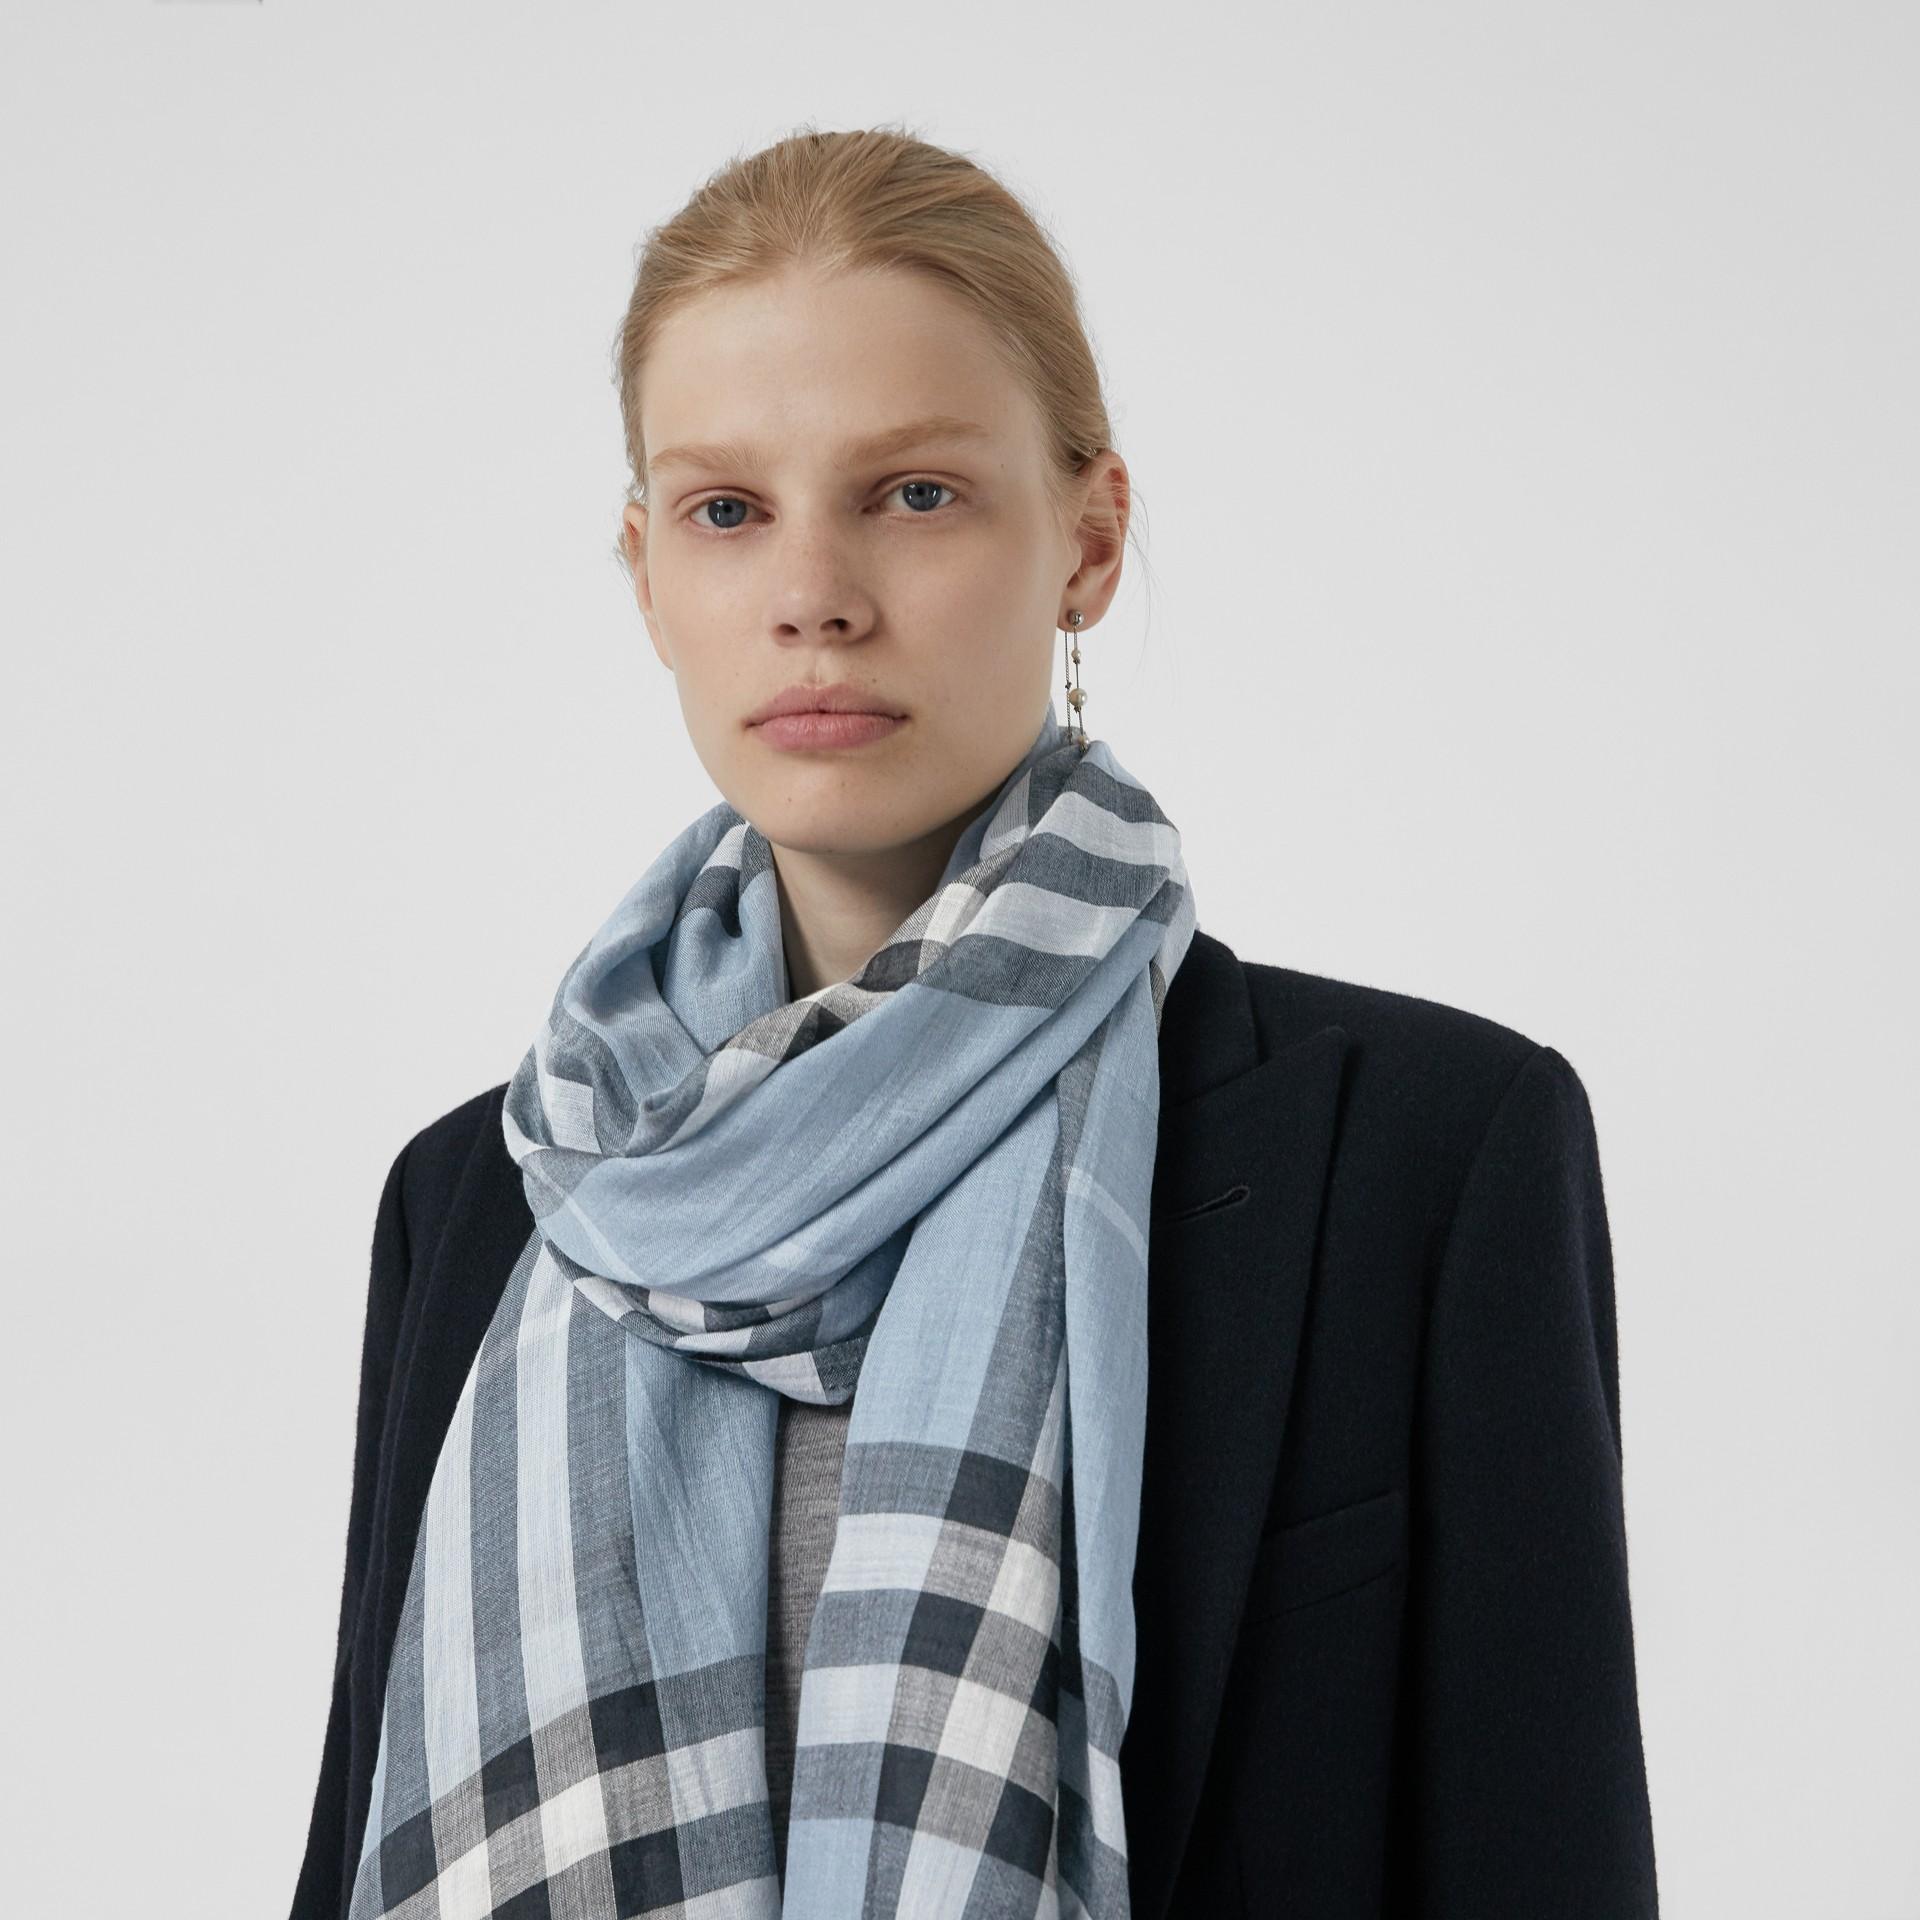 輕盈格紋羊毛絲綢圍巾 (淡灰藍色) - 女款 | Burberry - 圖庫照片 3